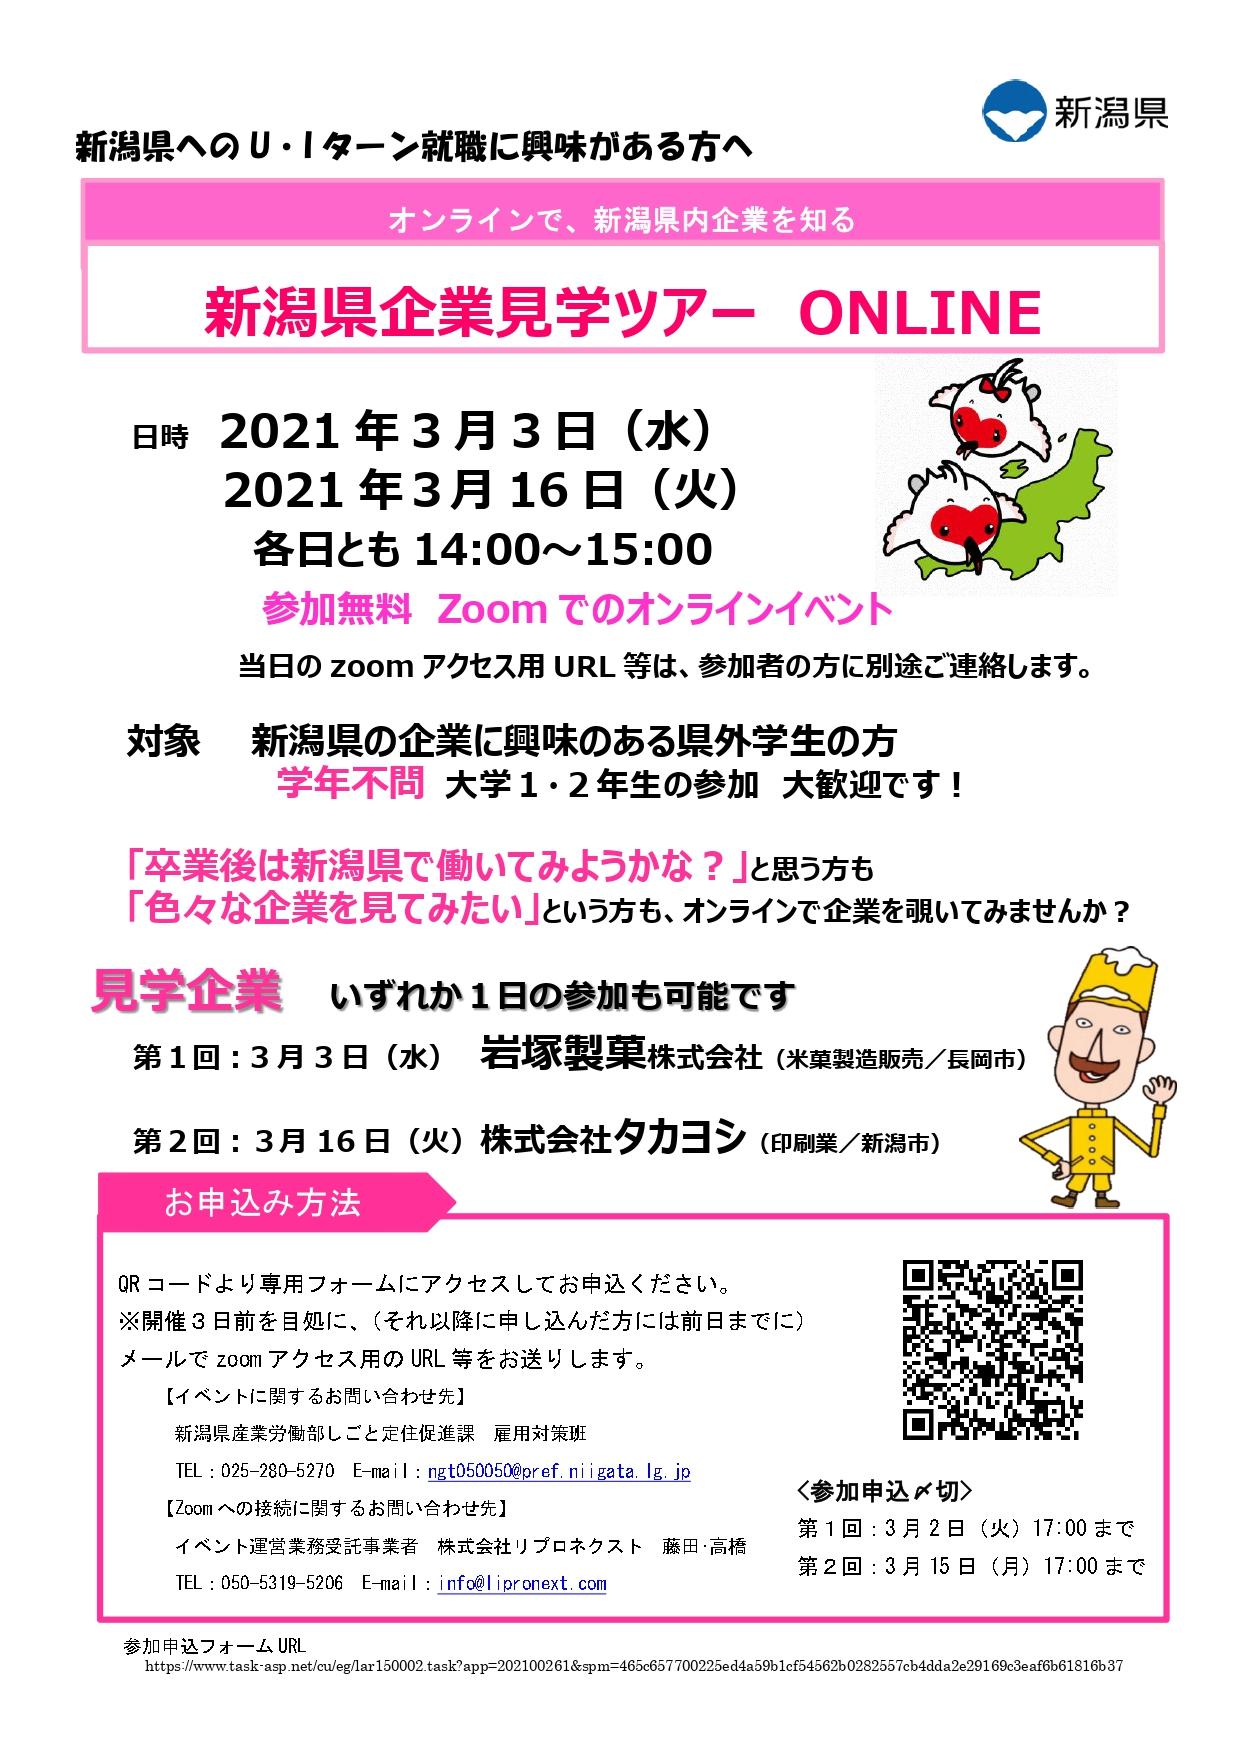 新潟県企業見学ツアー ONLINE リーフレット